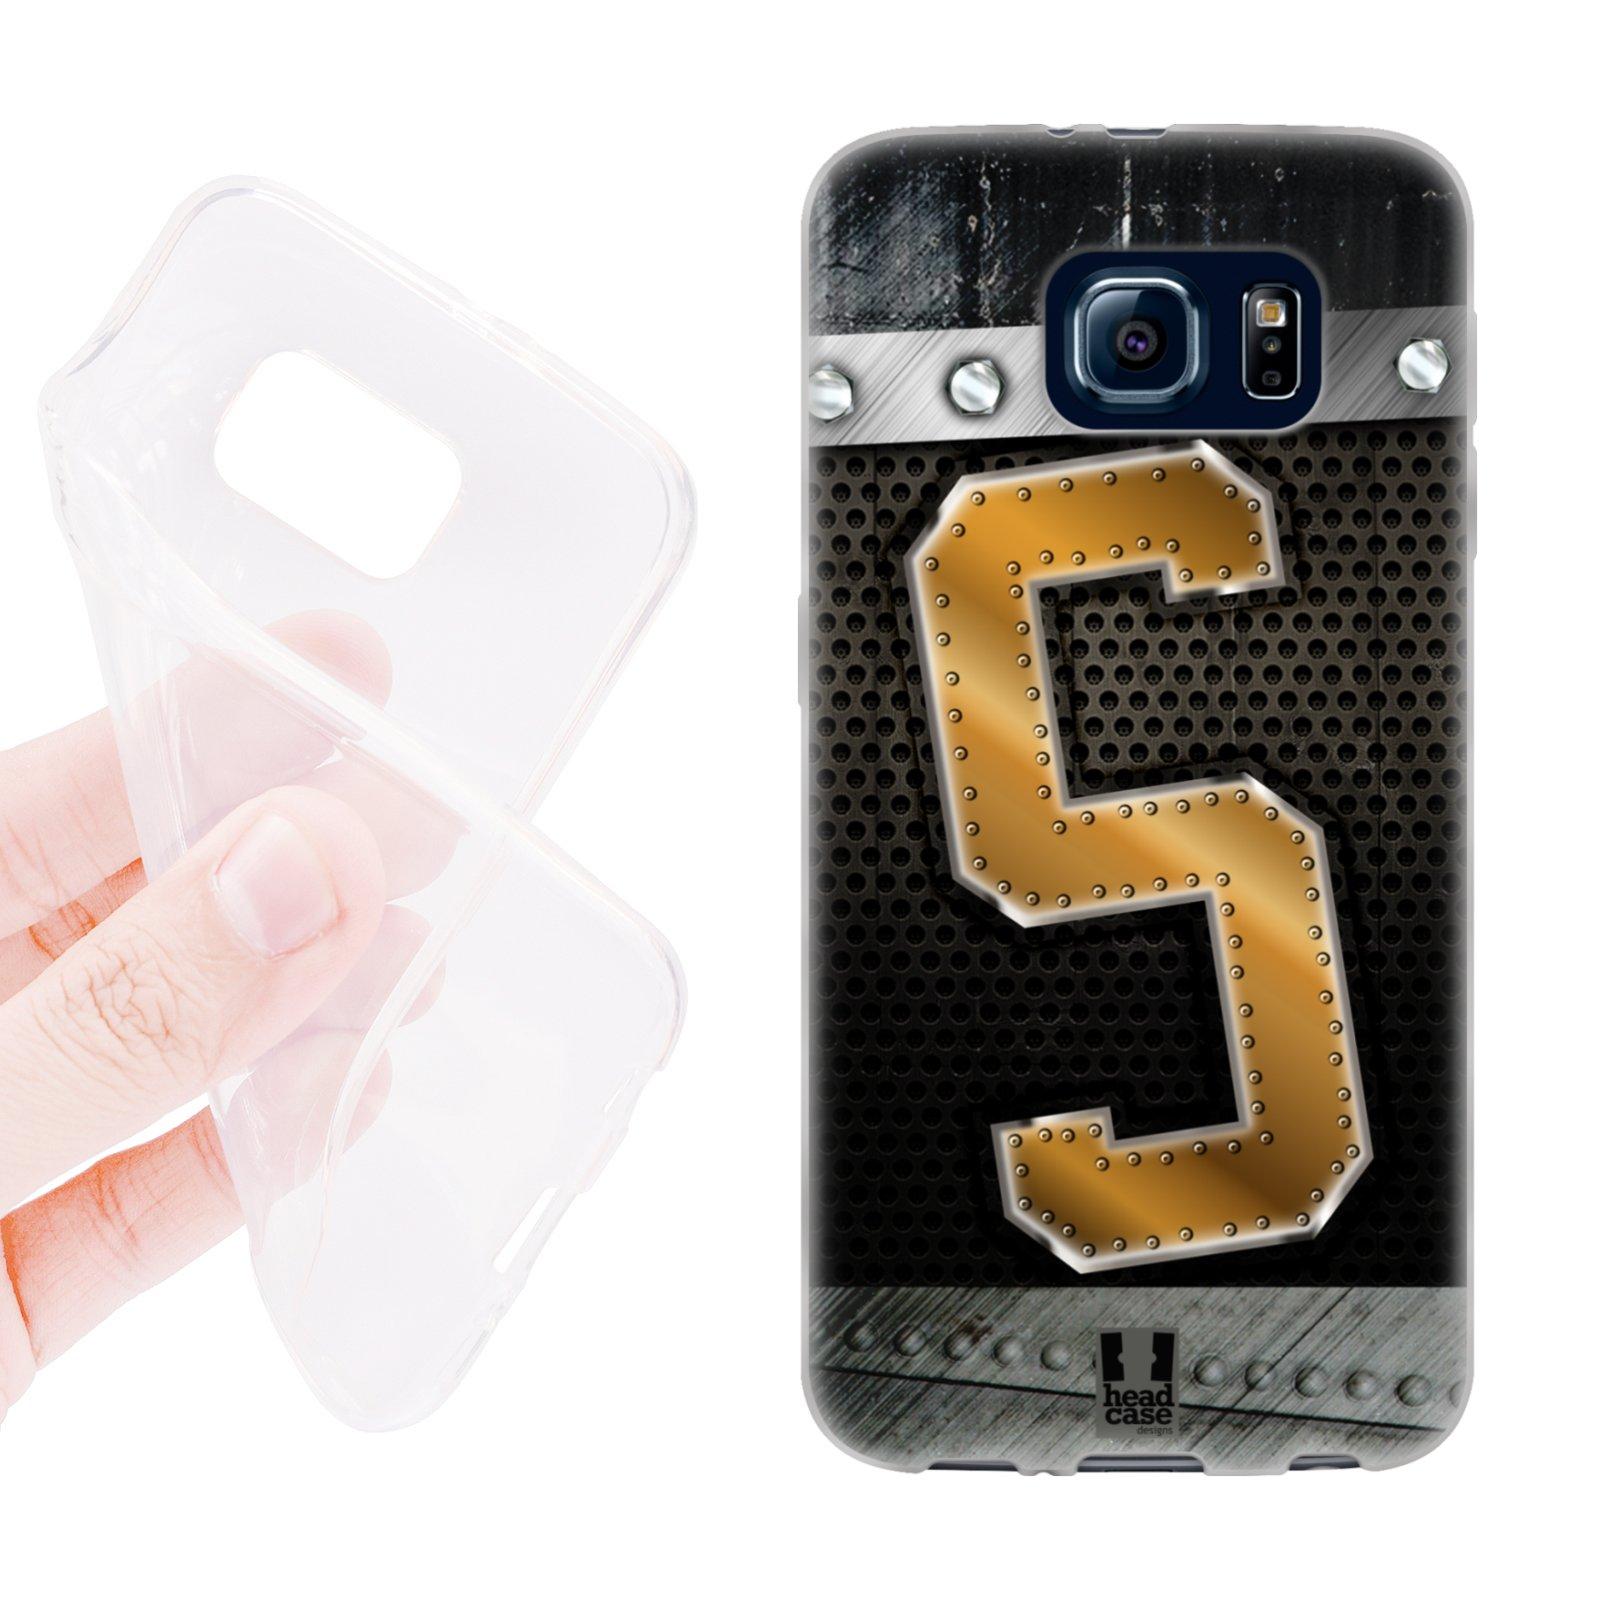 HEAD CASE silikonový obal na mobil Samsung galaxy S6 zlaté písmeno S